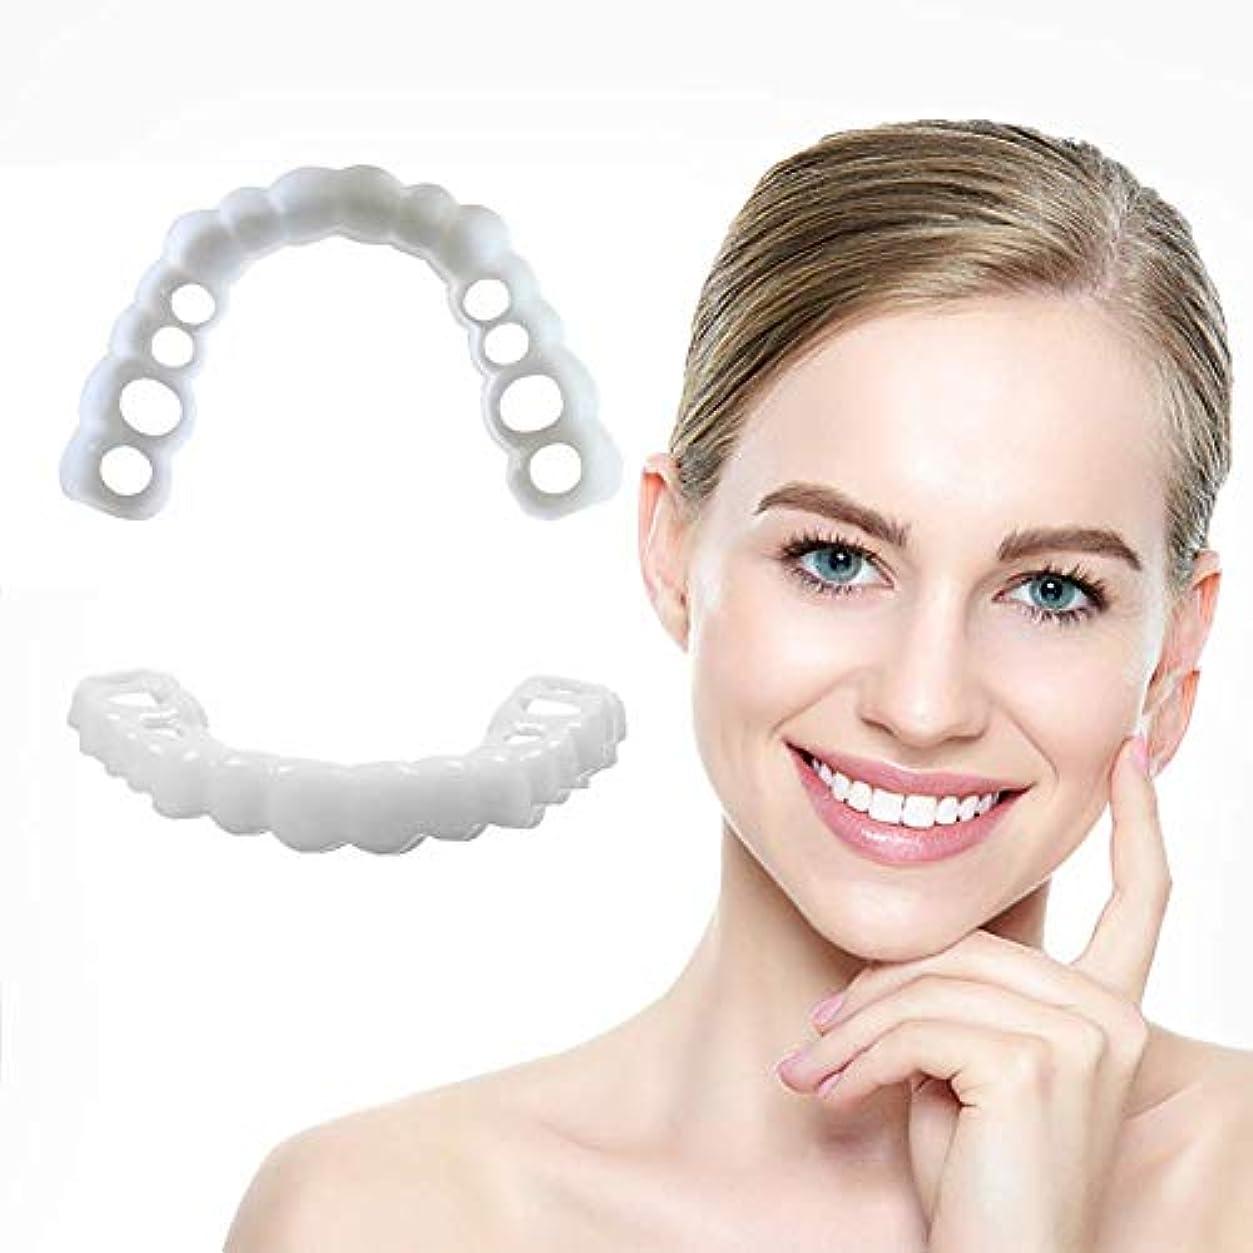 フック副詞資格情報上歯下歯シミュレーションブレースホワイトニングセット第2世代シリカゲルシミュレーション歯義歯,1Set